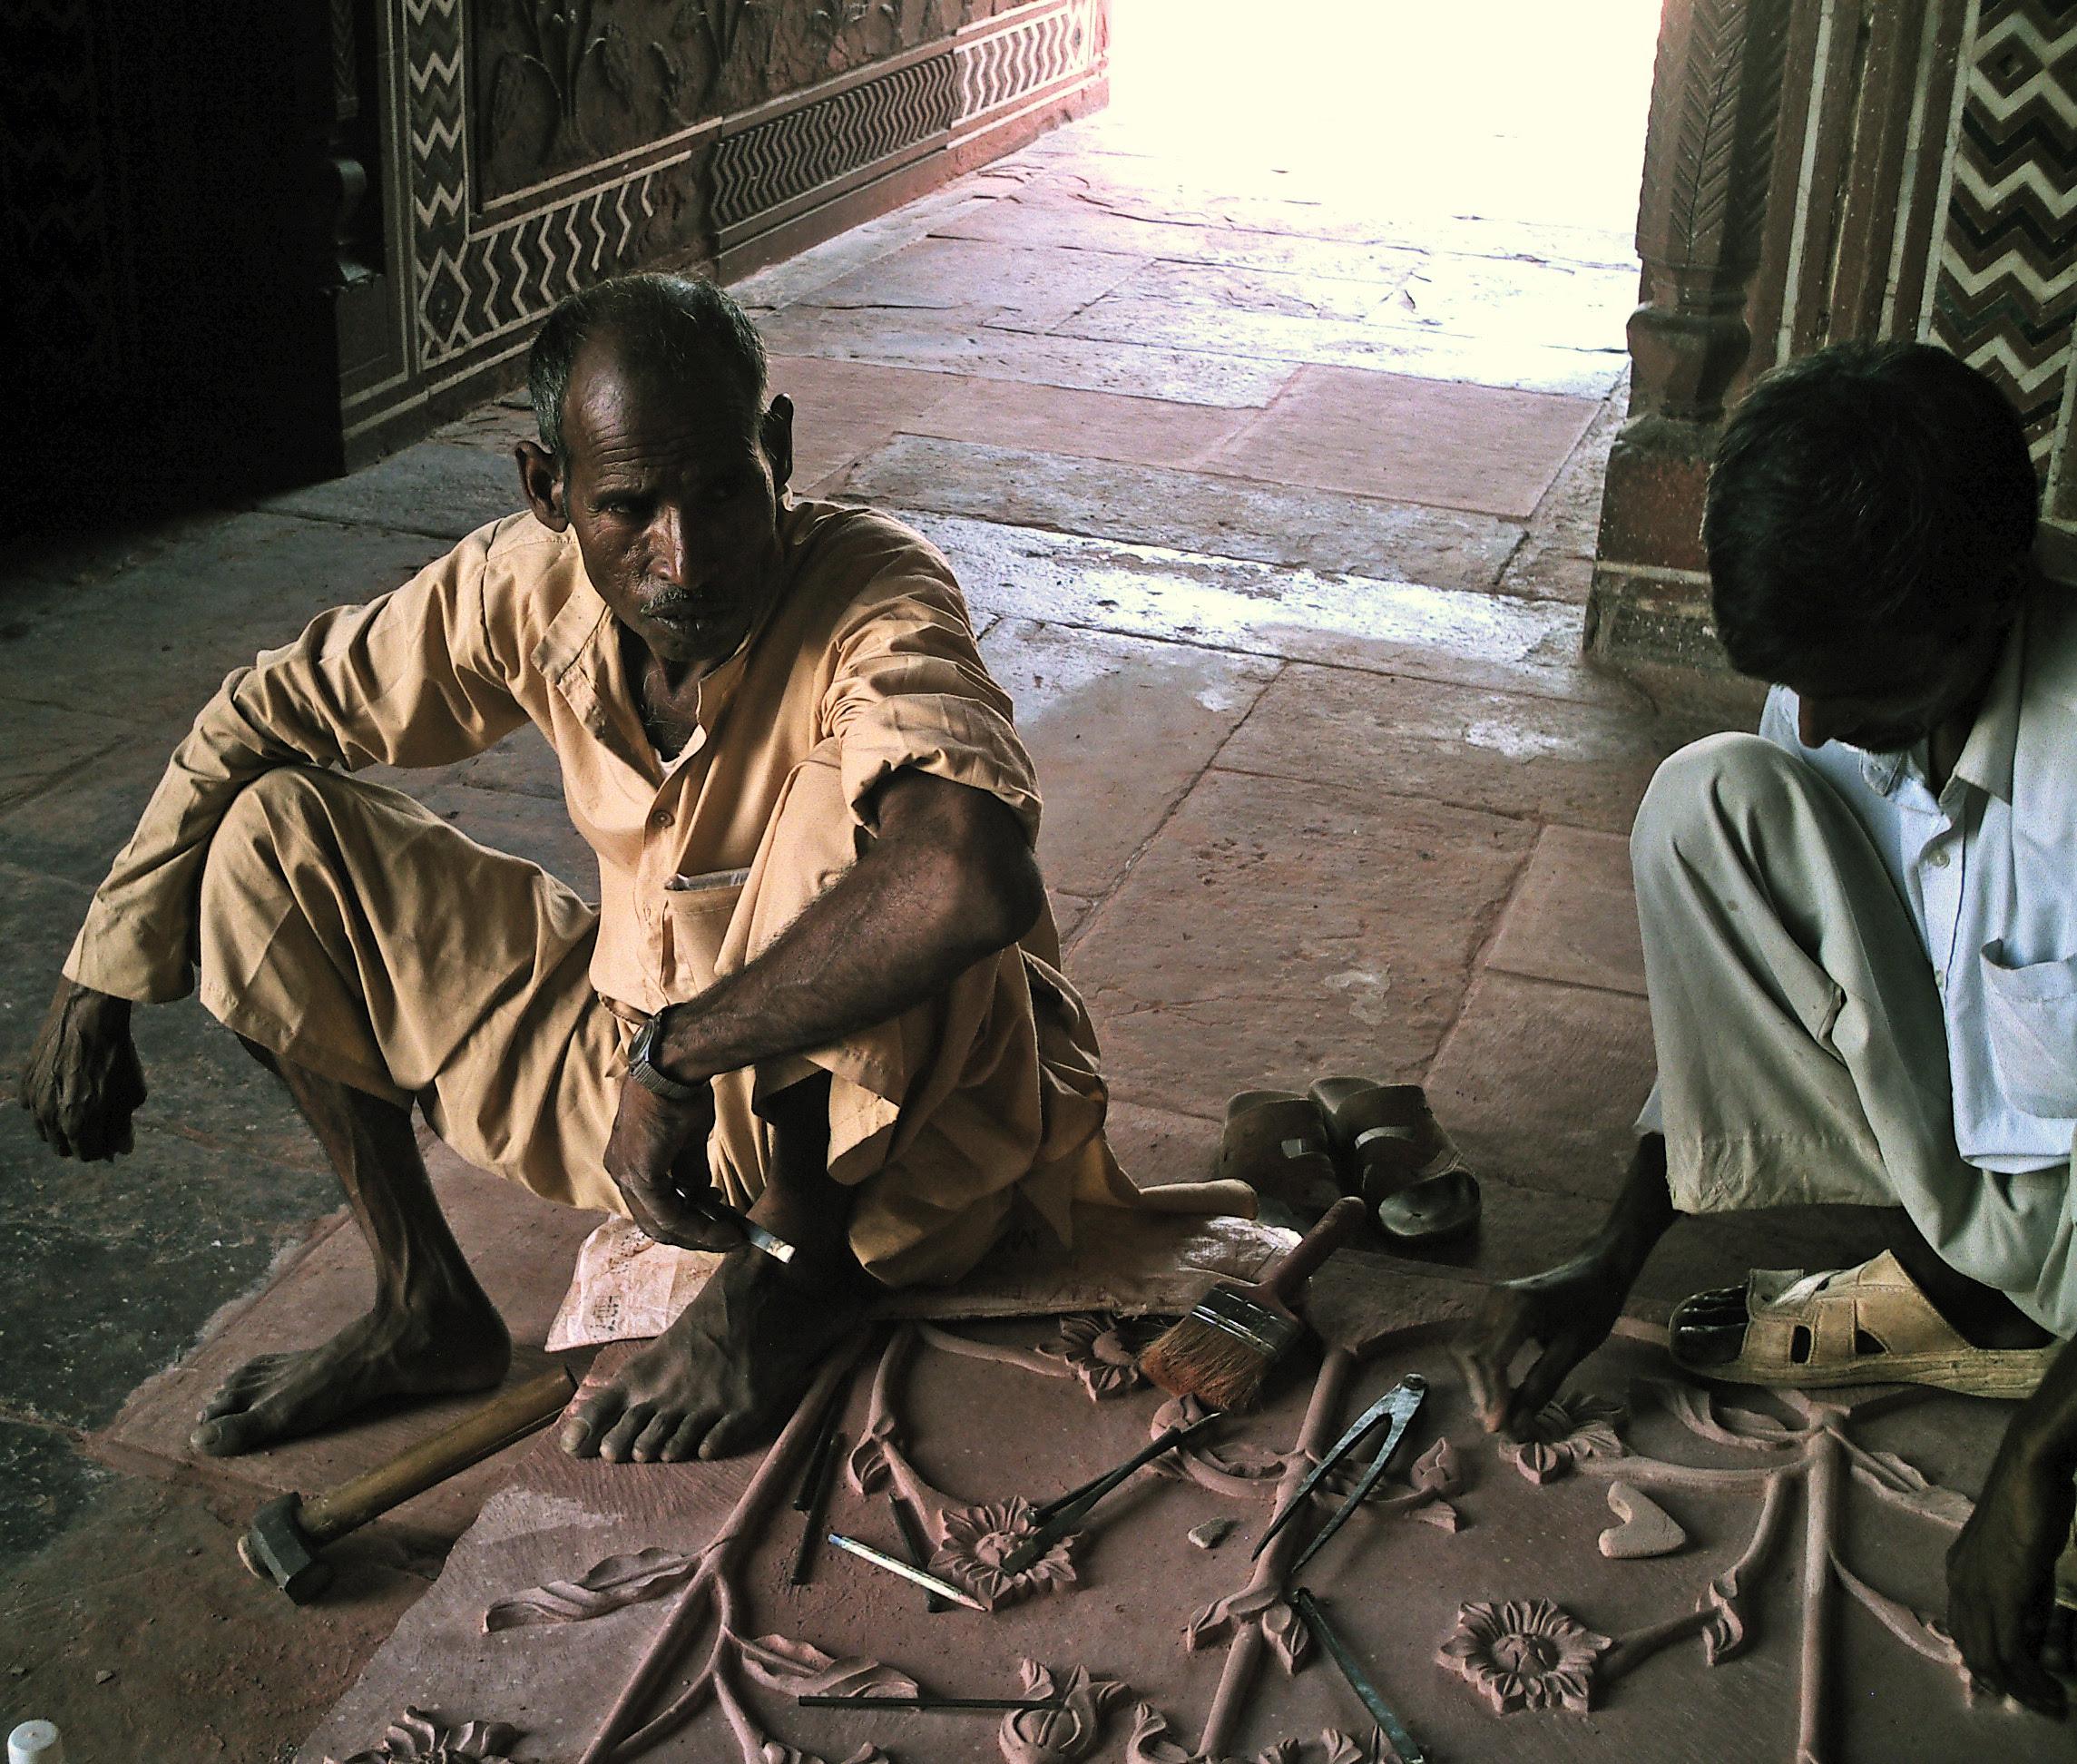 artisan repairing artwork